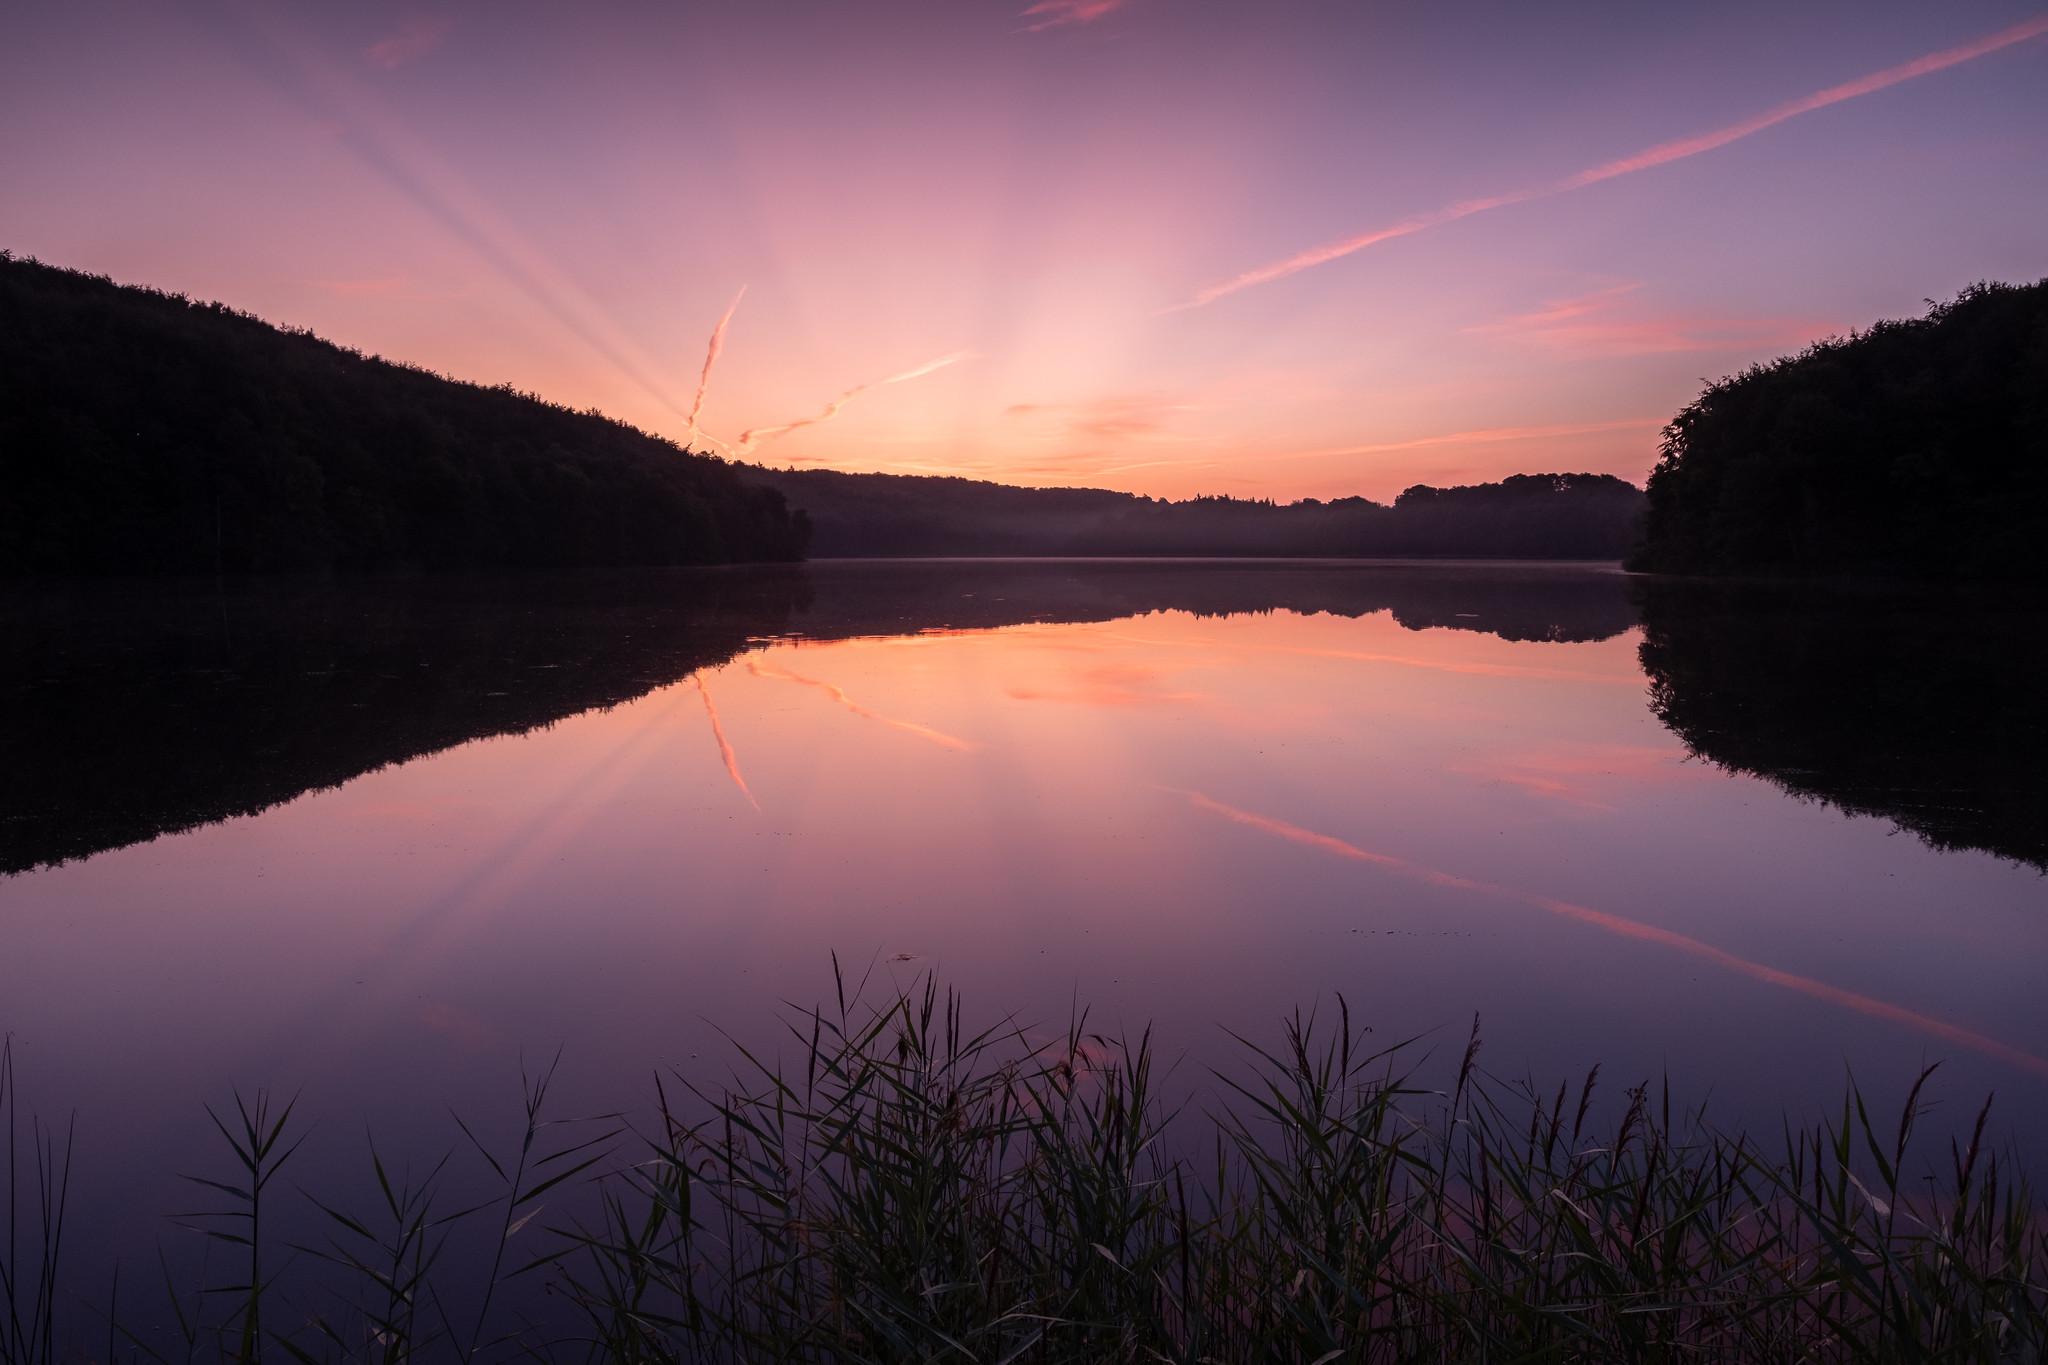 Und noch ein spektakulärer Sonnenaufgang am Ukleisee. Ich habe im August diesen bestimmten Ausblick mehrfach aufgesucht. Es ist einfach mein Lieblingsse.